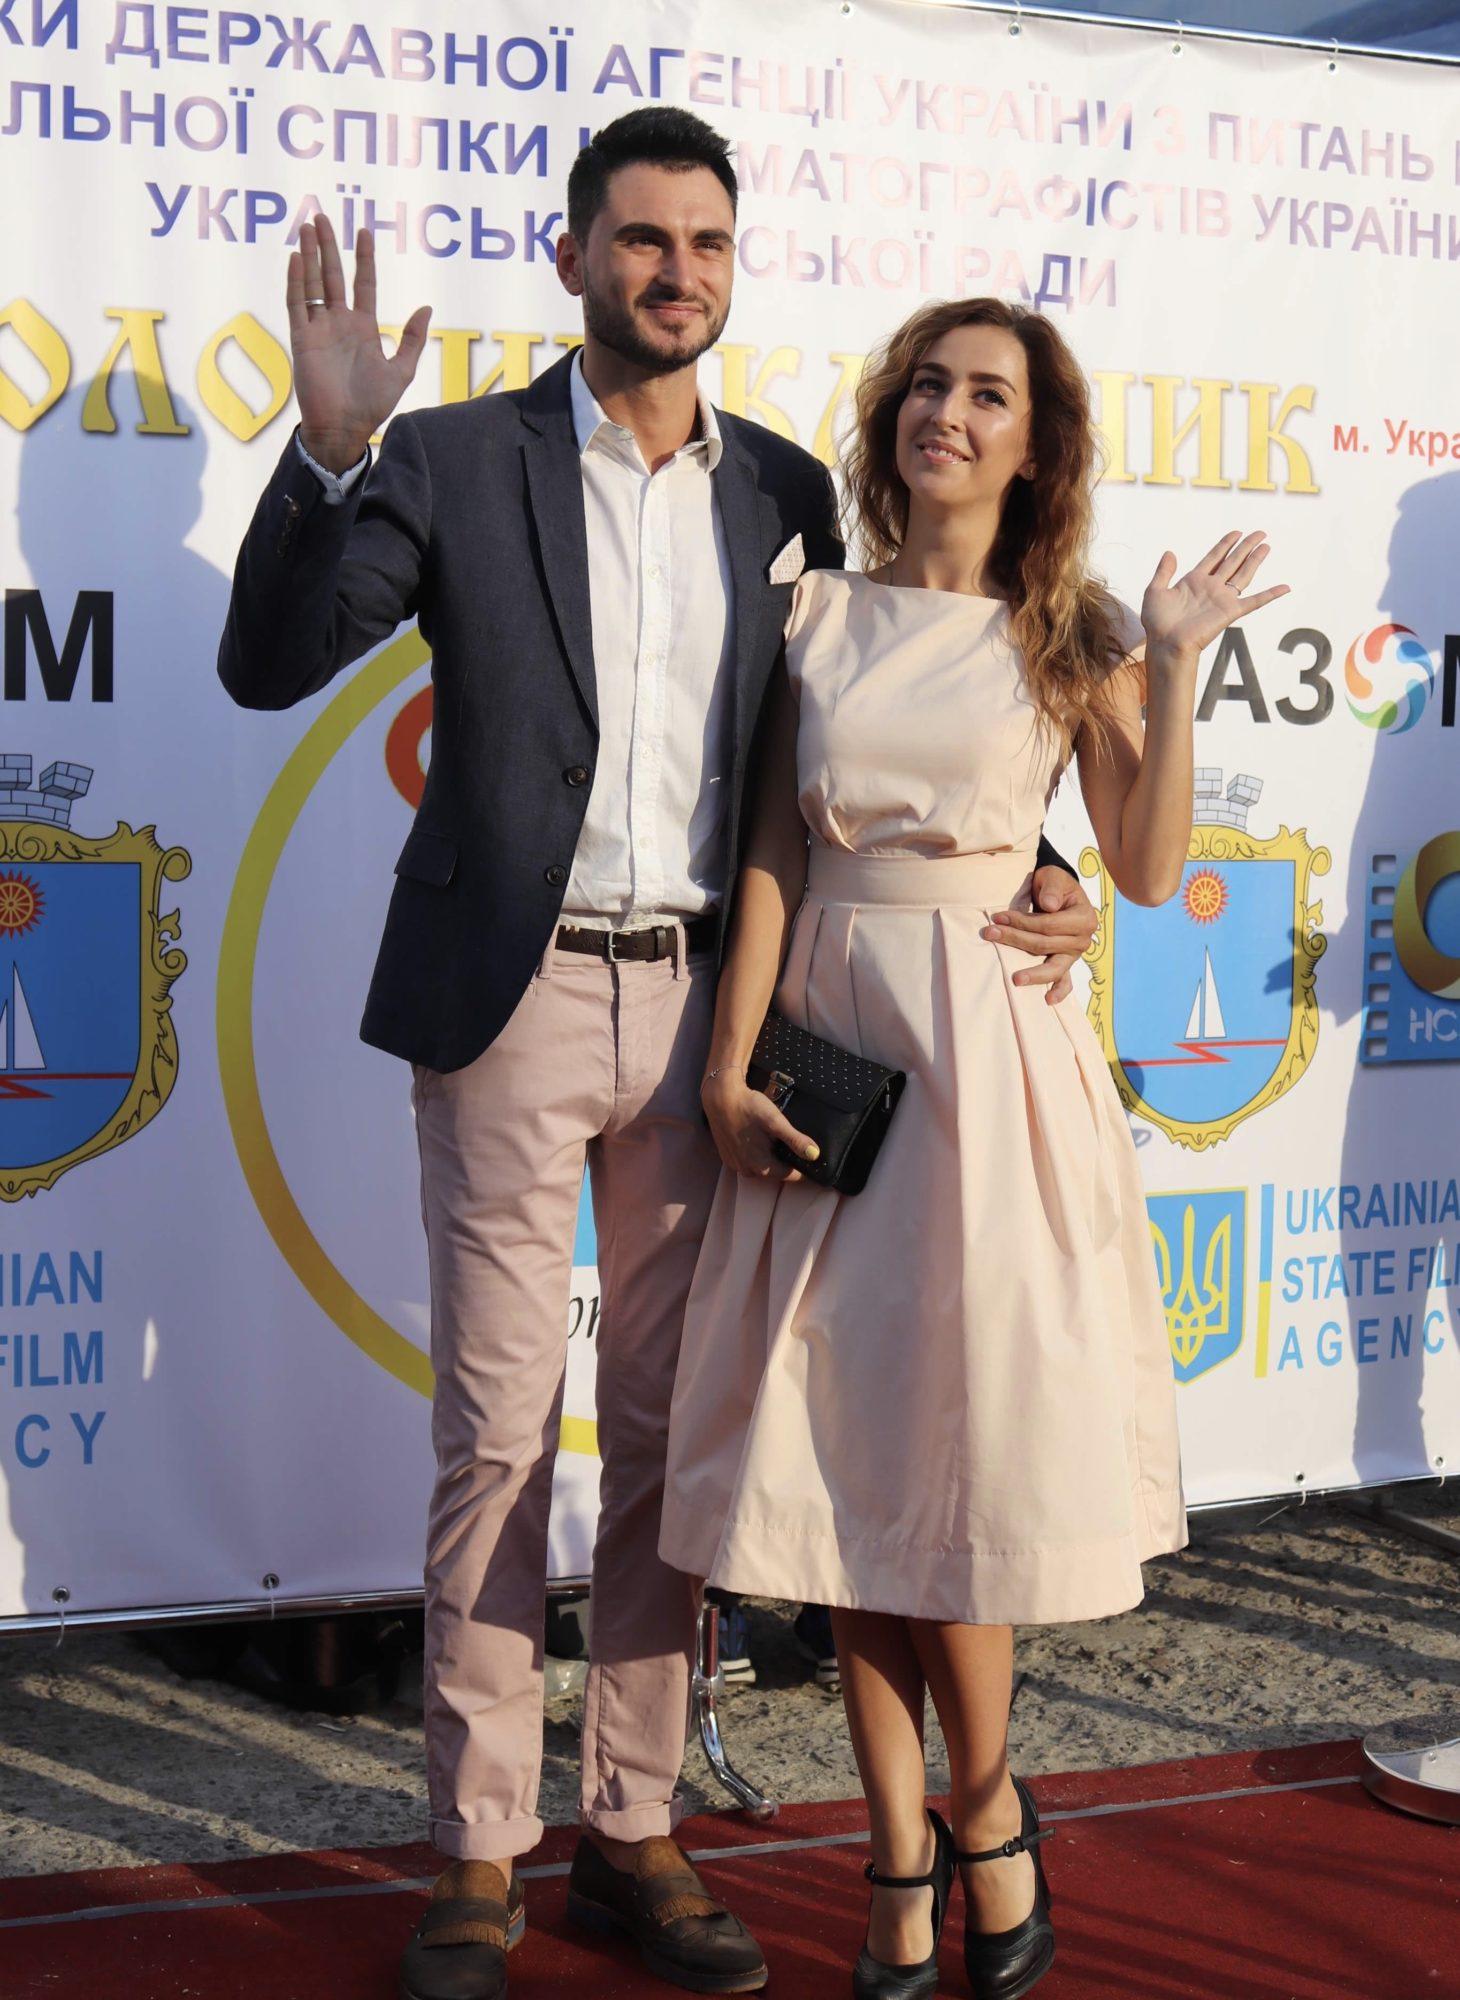 В Українці стартував міжнародний фестиваль «Золотий ключик» -  - 5612DD8D DDFC 433C 83DB C43D2FF1D6DC 1460x2000